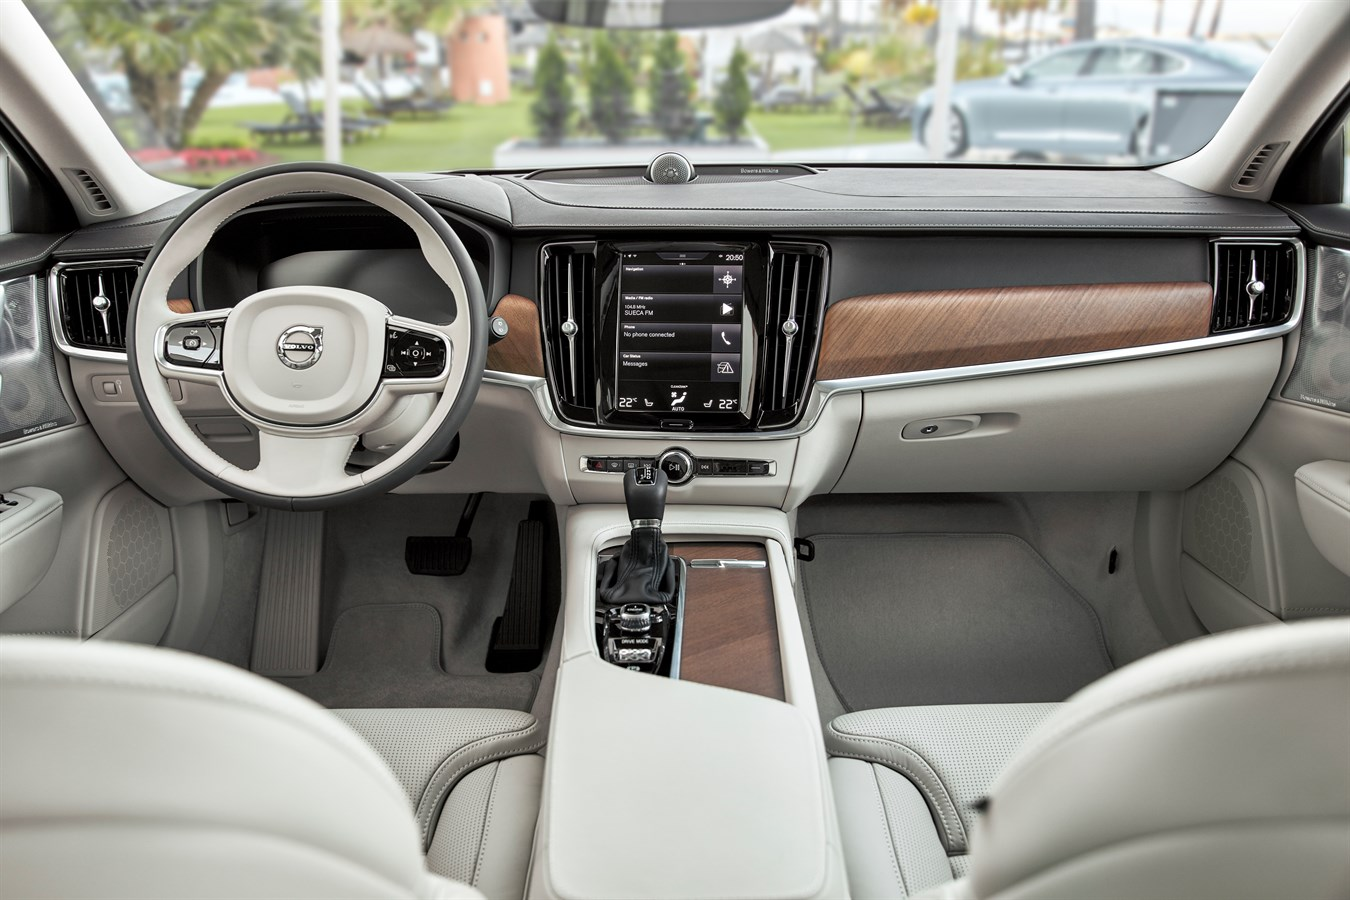 Volvo S90 Interior >> New Volvo S90 V90 Interior Volvo Cars Global Media Newsroom